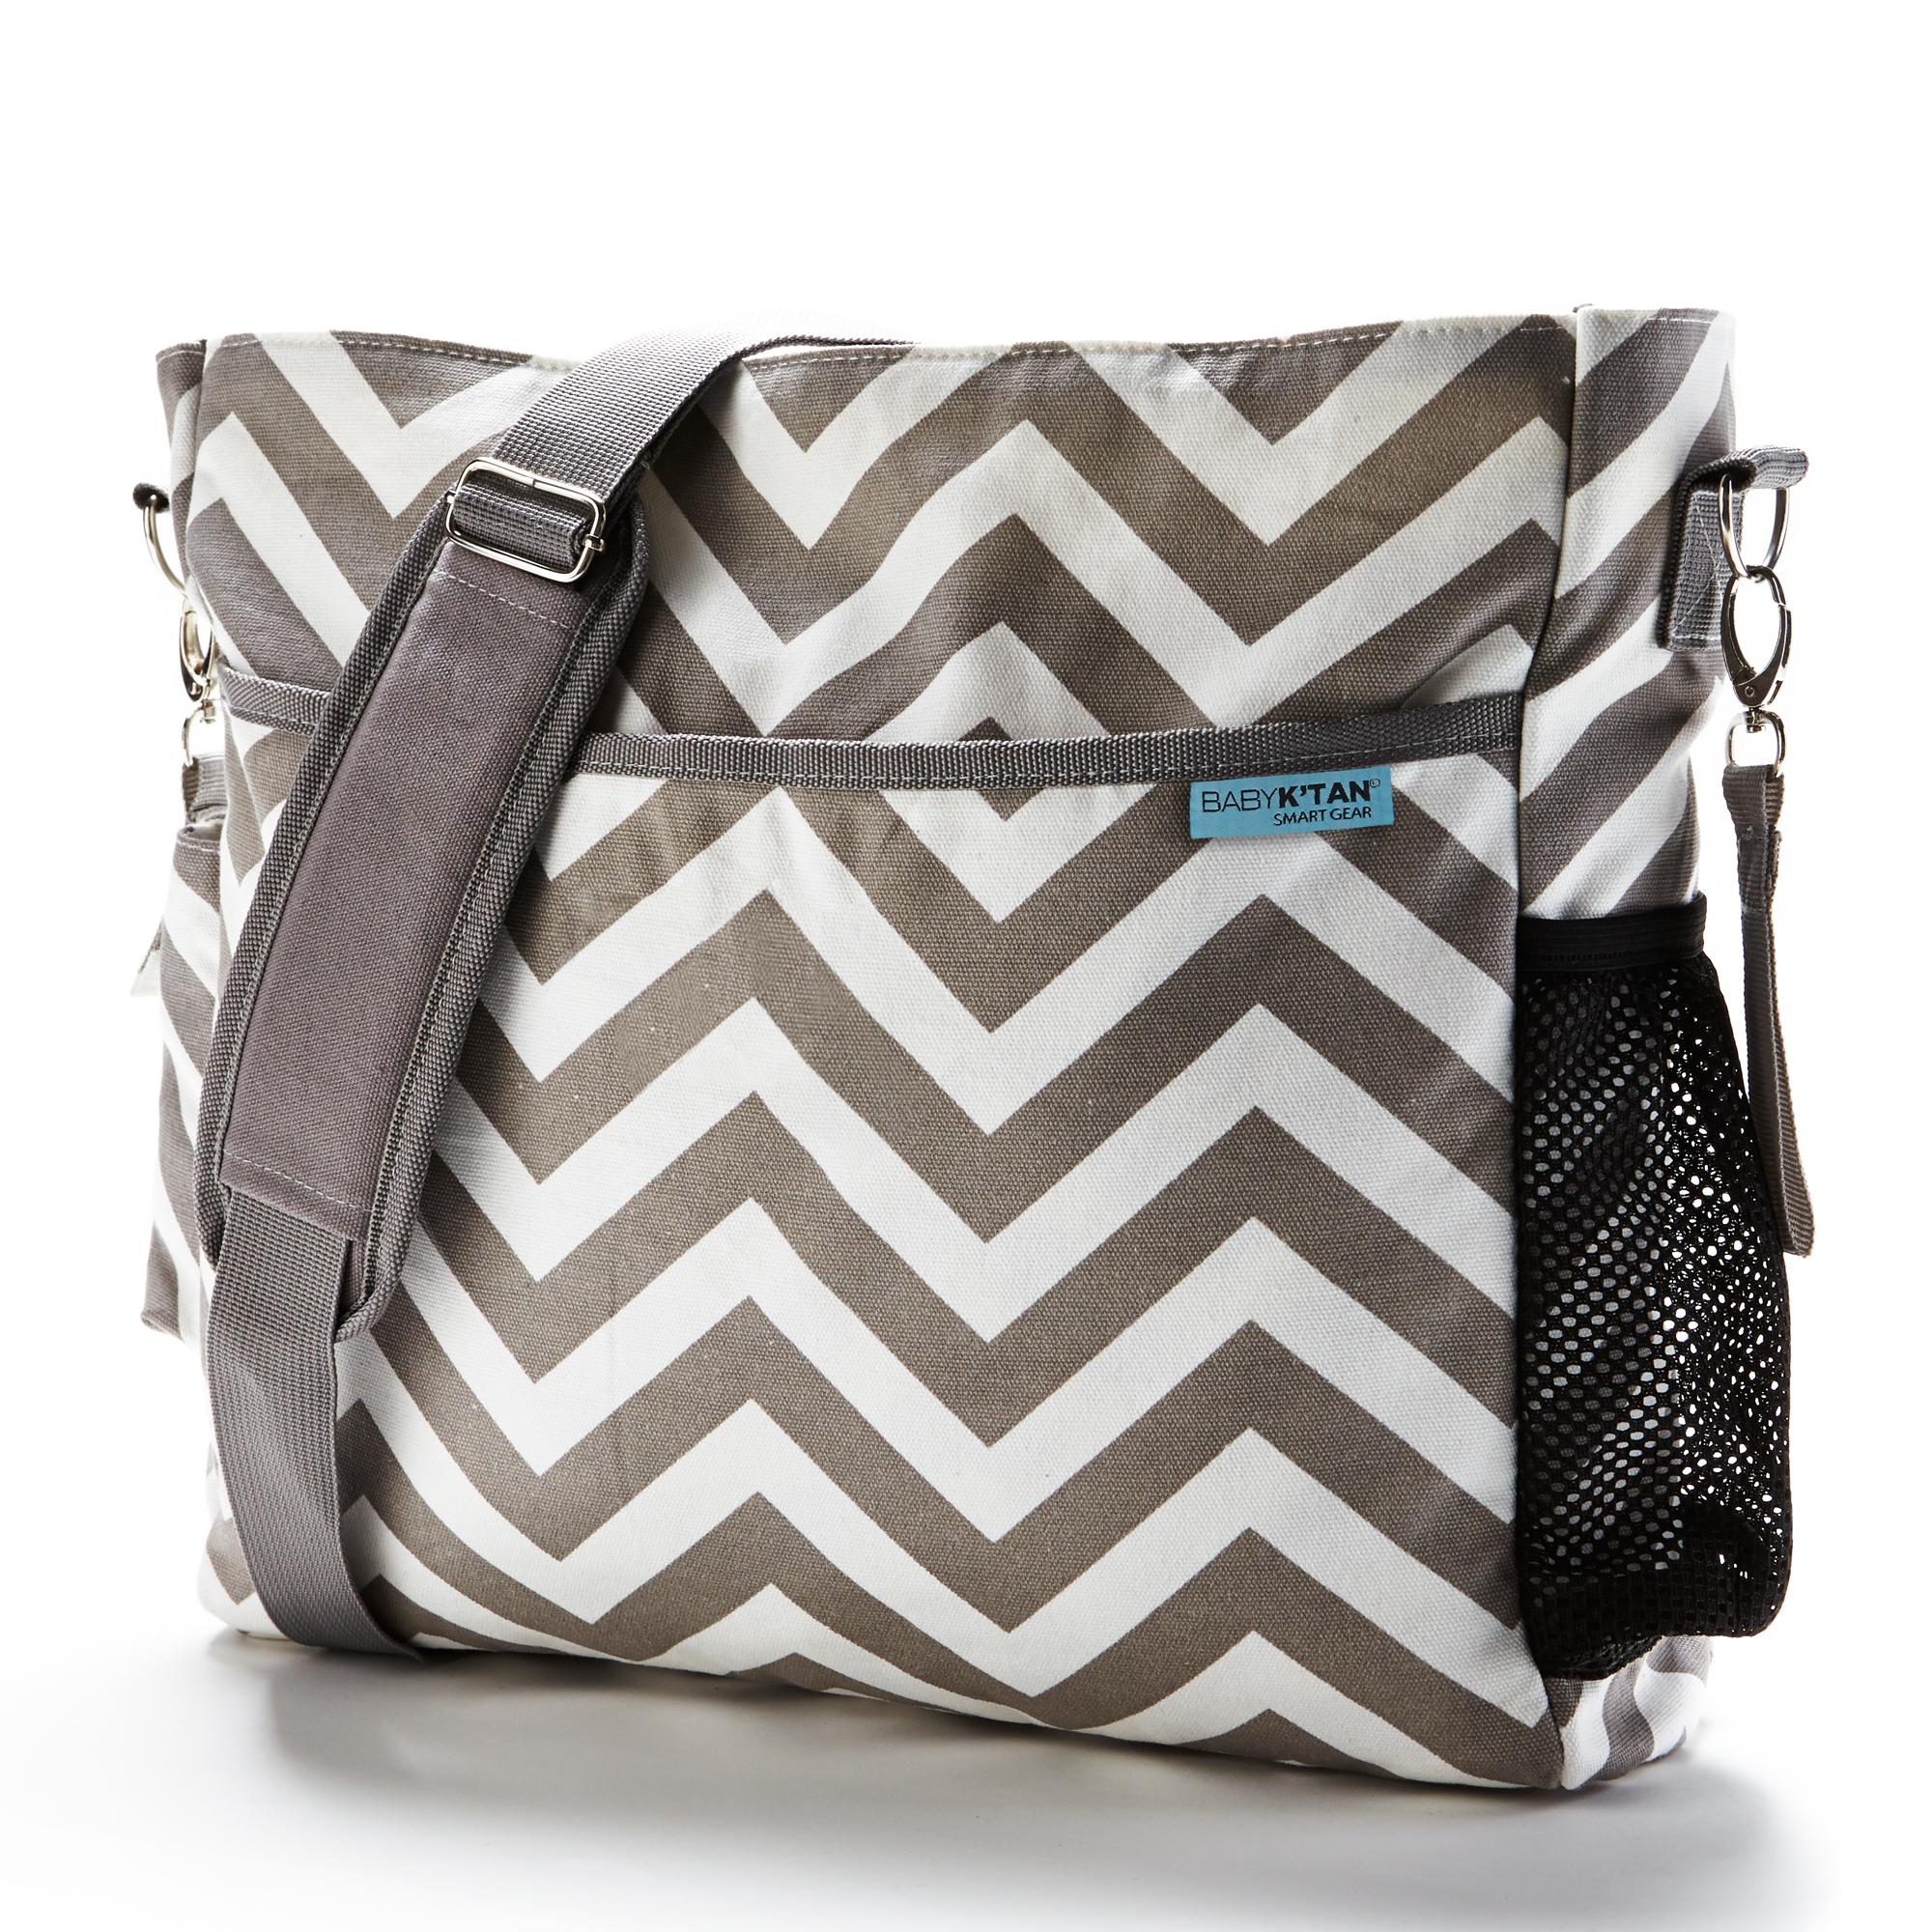 Baby K'tan Diaper Bag with Built-in Wet Bag